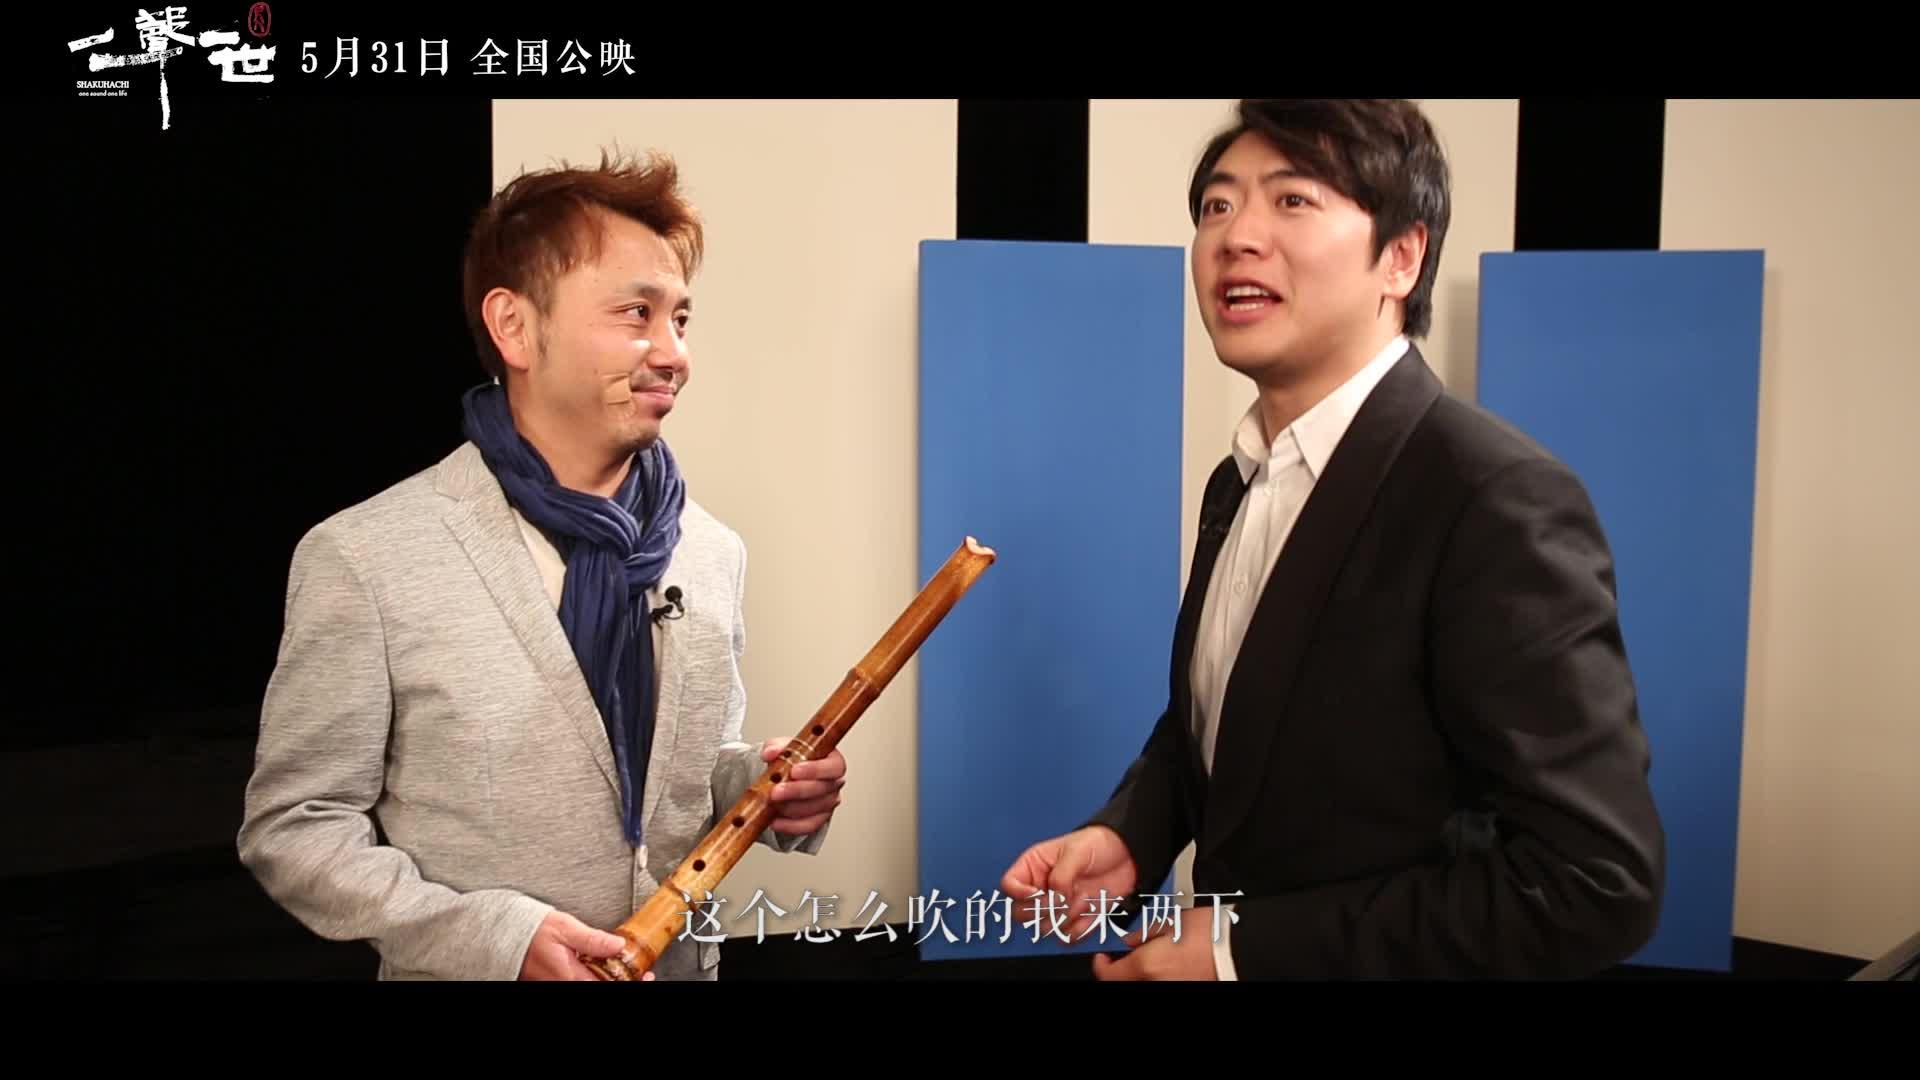 郎朗和佐藤康夫携手演奏《一声一世》及《火影忍者》主题曲